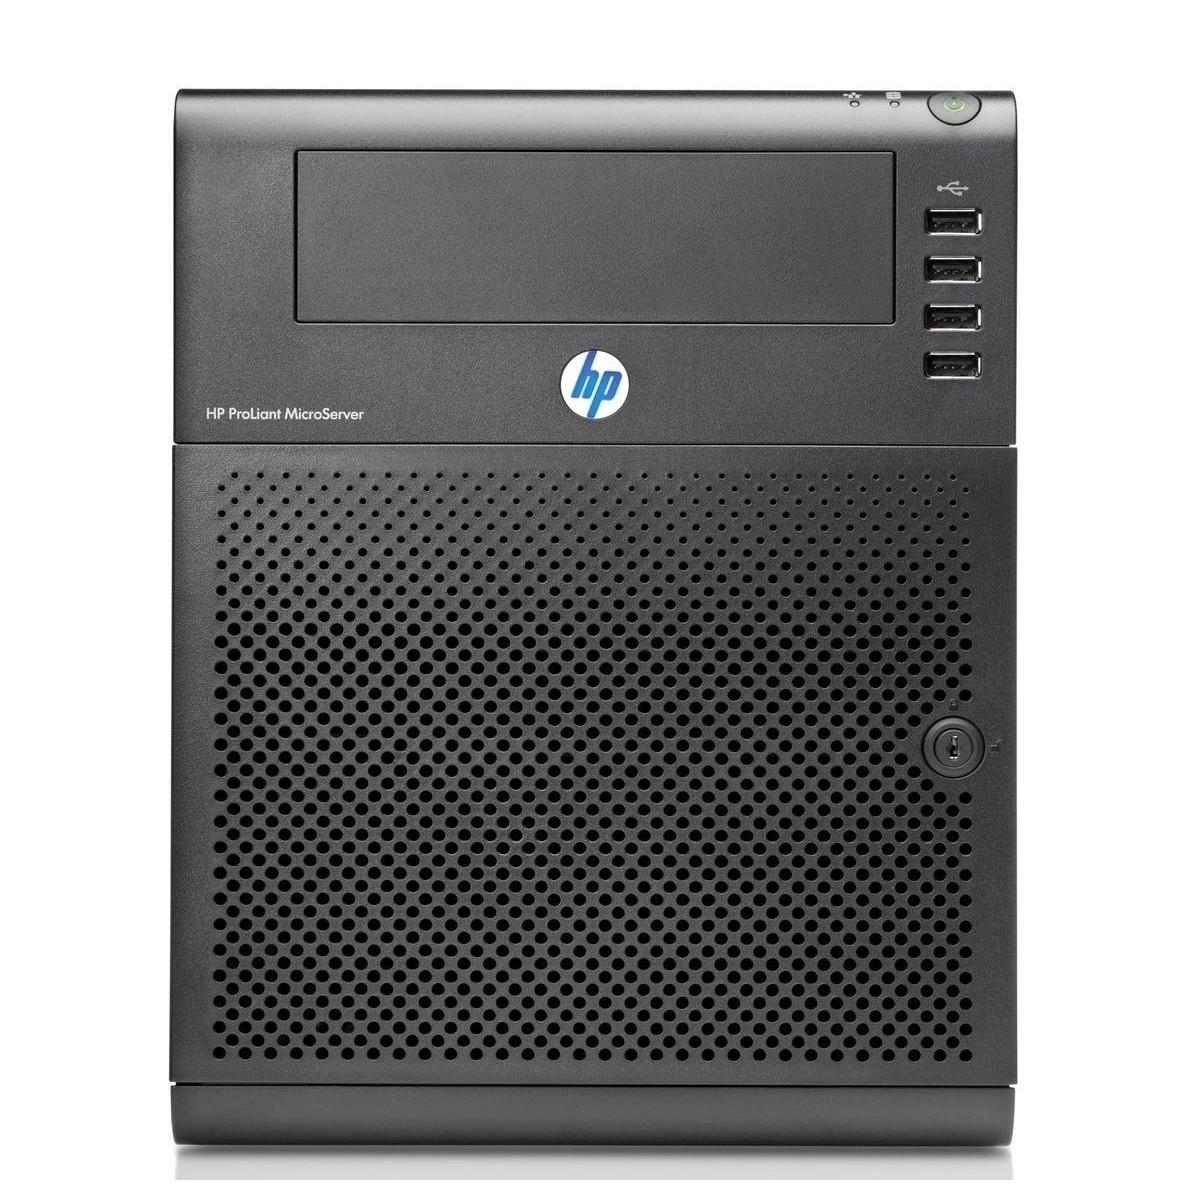 WIN2012 R2 STD+HP N54L MICROSERVER 2.2 8GB 2x2TB